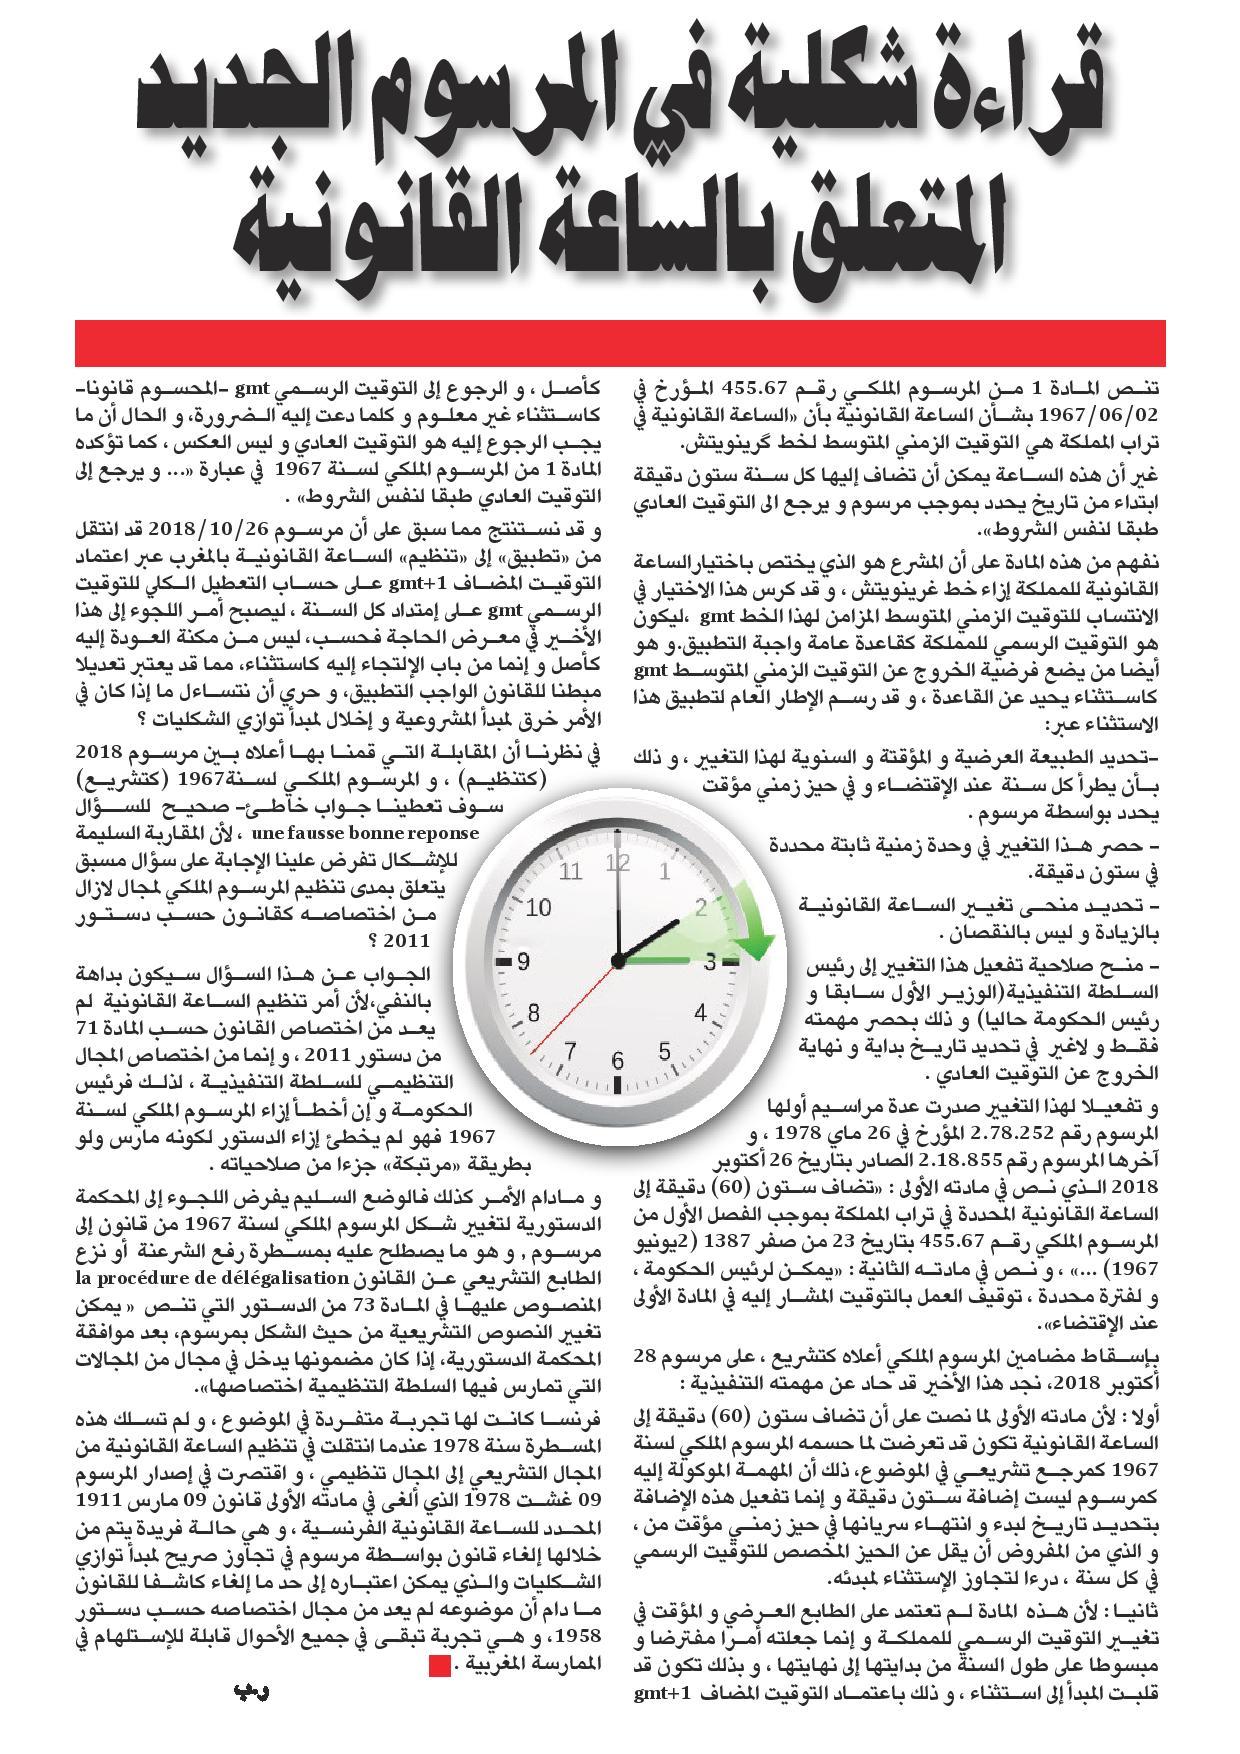 قراءة شكلية في المرسوم المتعلق بالساعة القانونية للأستاذ رضى بلحسين